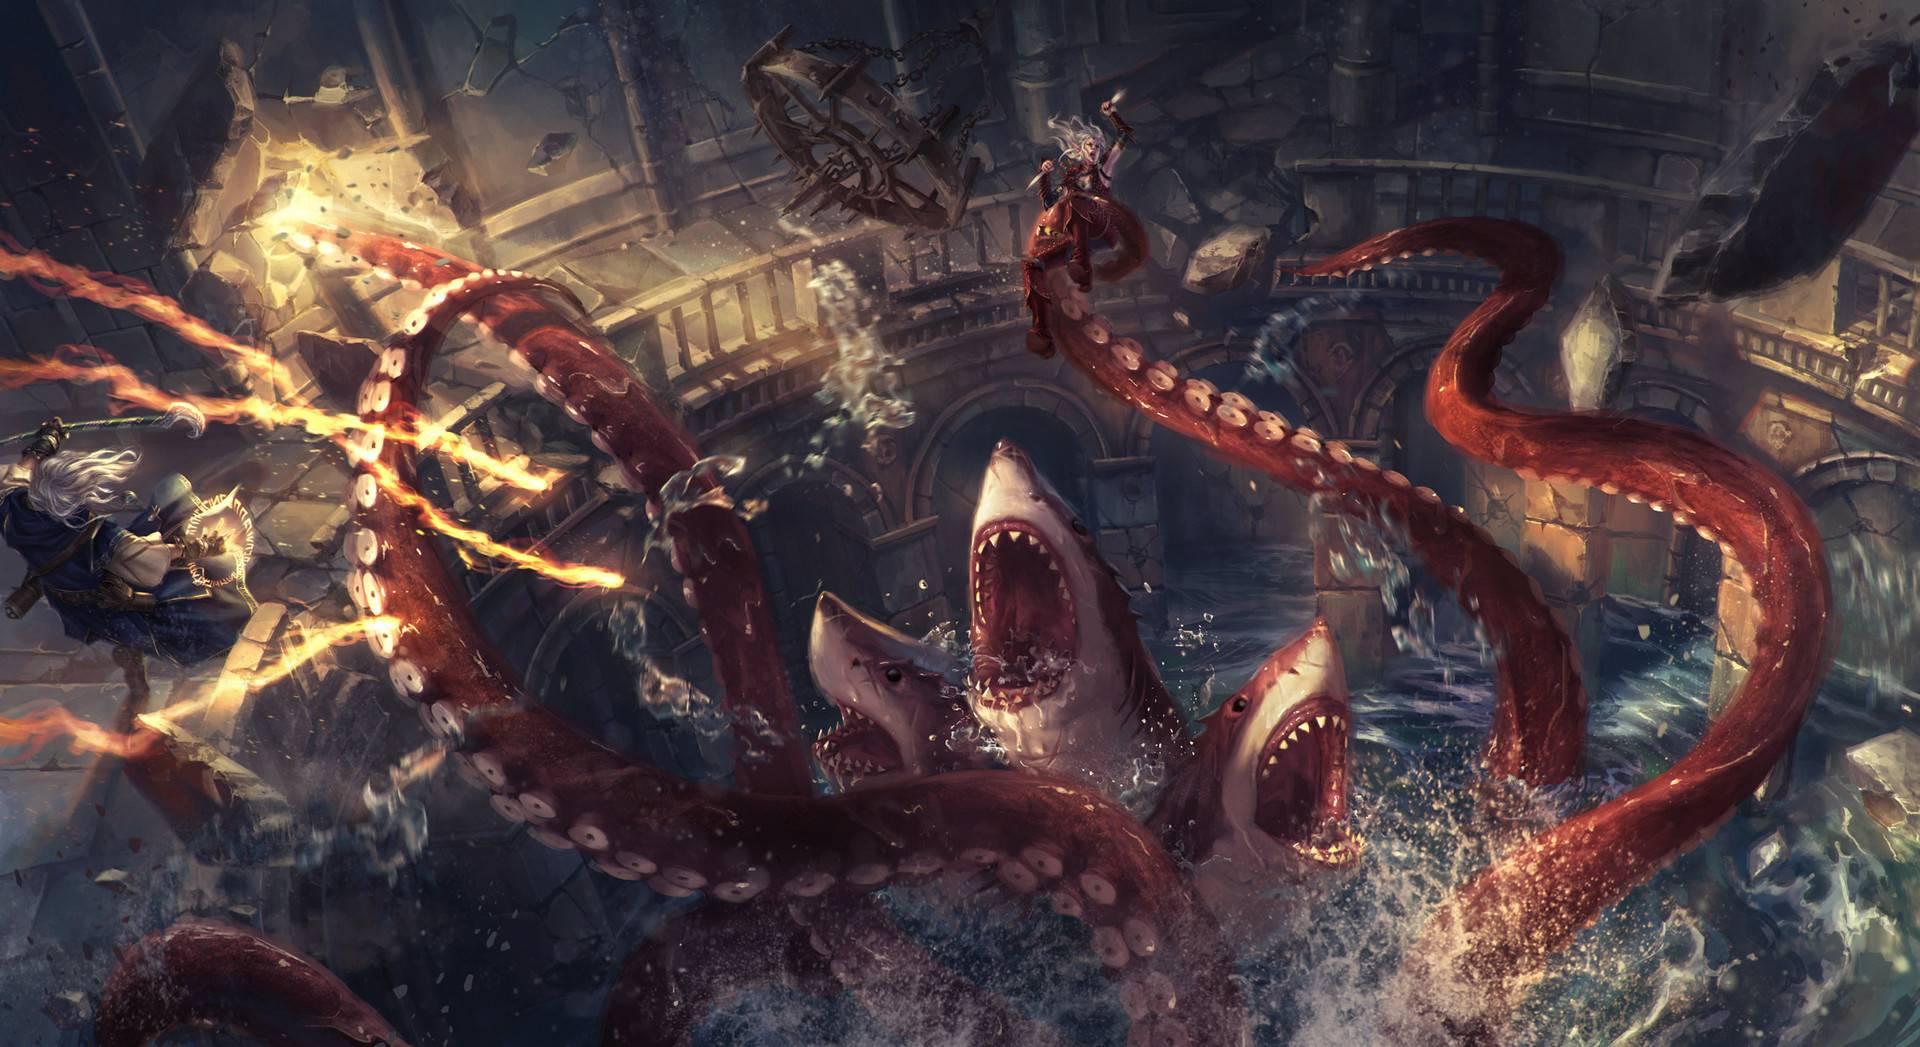 Дороги приключений: 7 главных кампаний для настольной ролевой игры Pathfinder 2